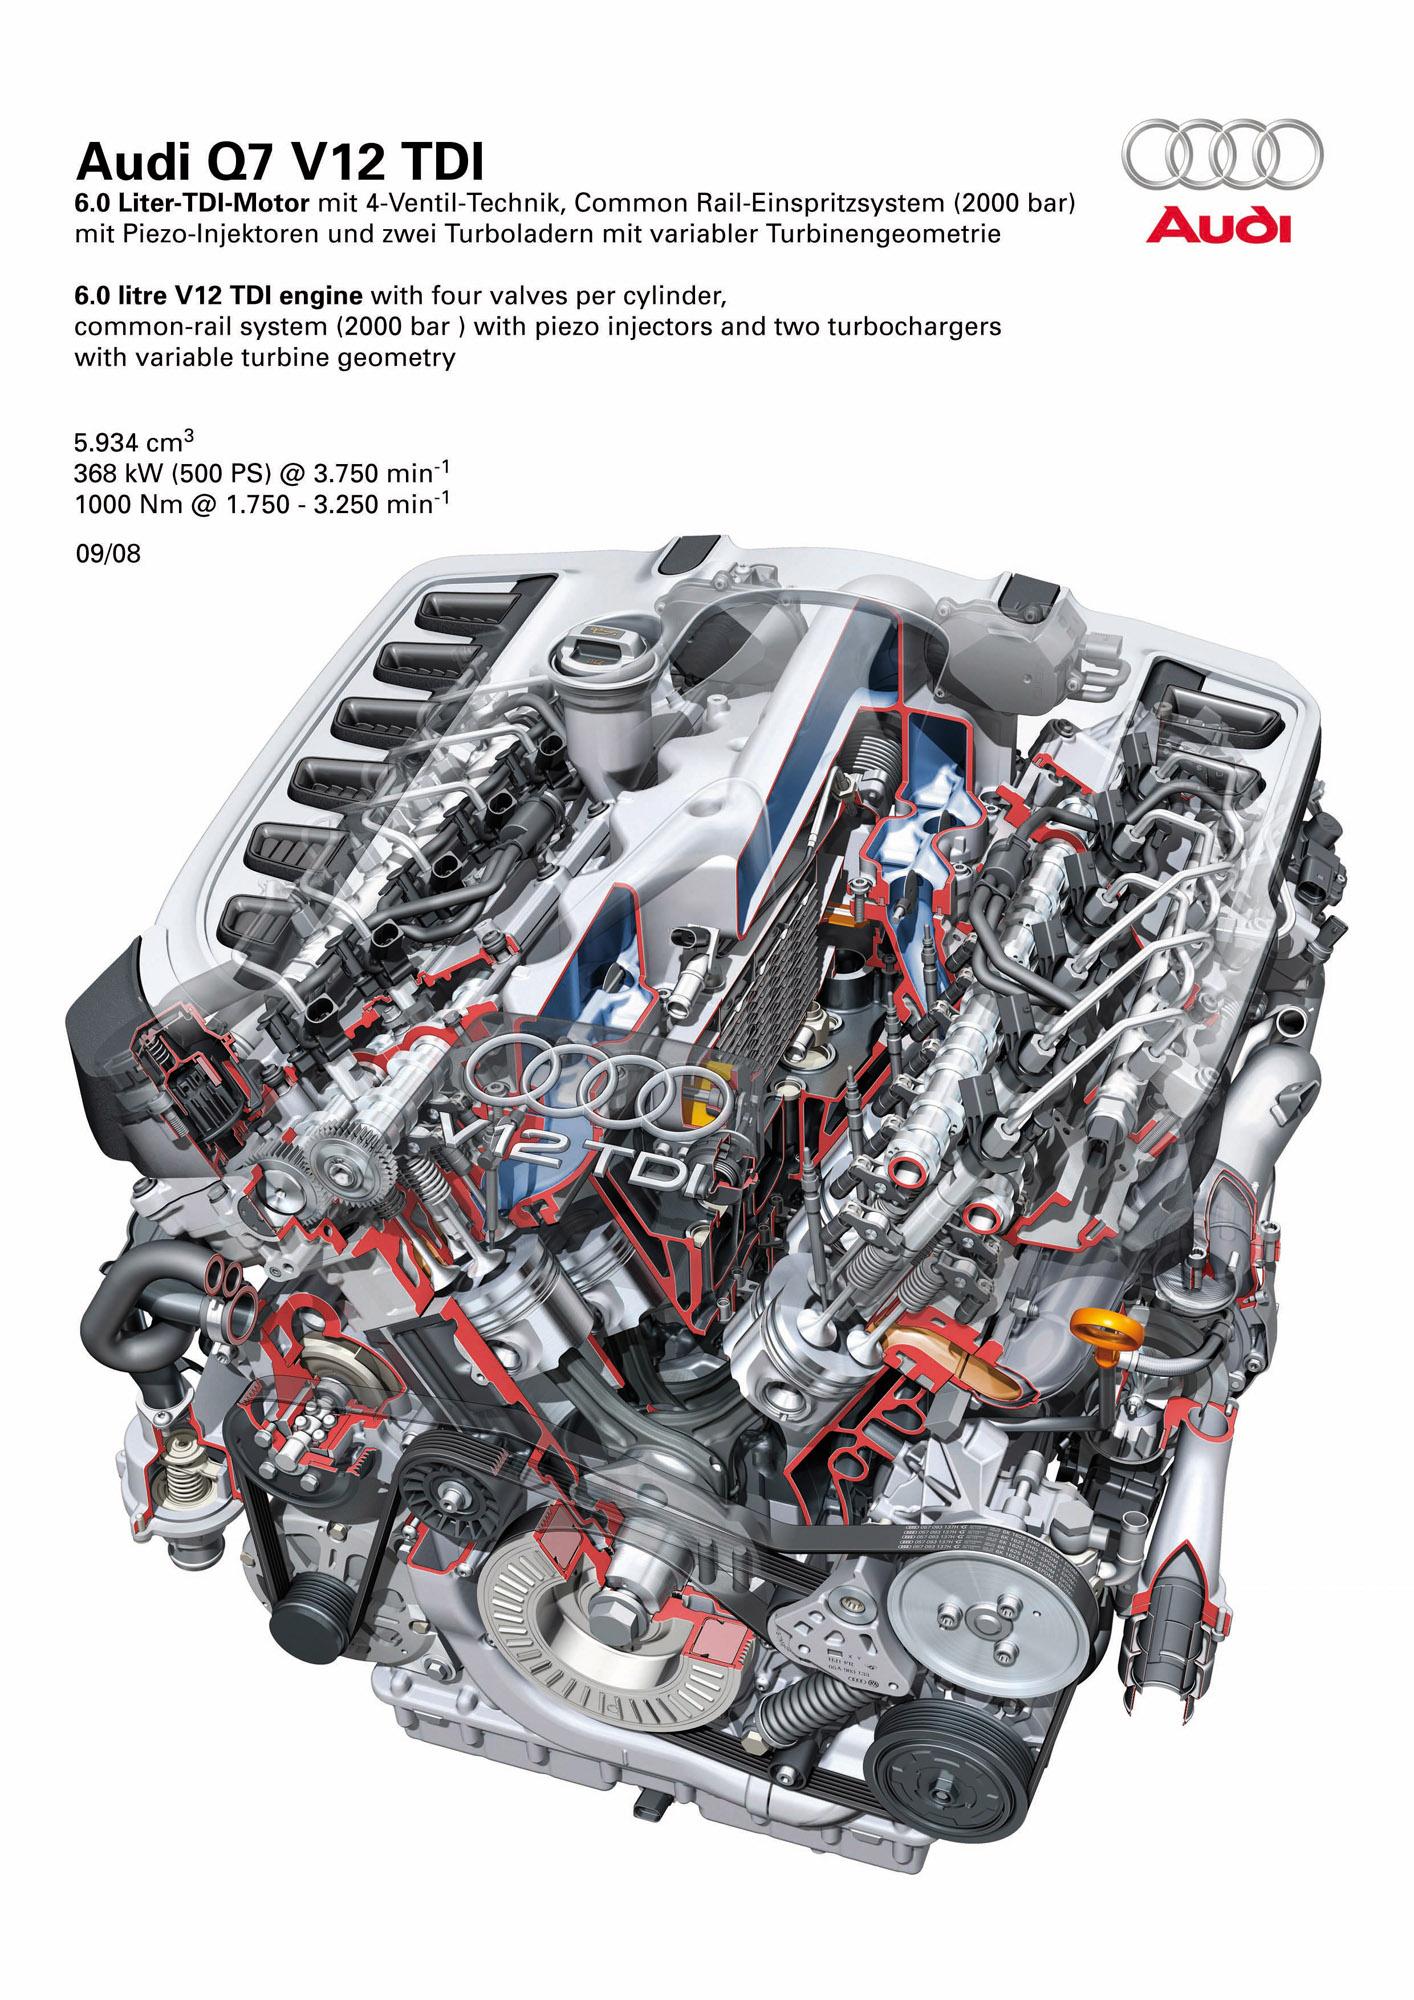 Audi Q7 V12 TDI quattro  Picture 8425